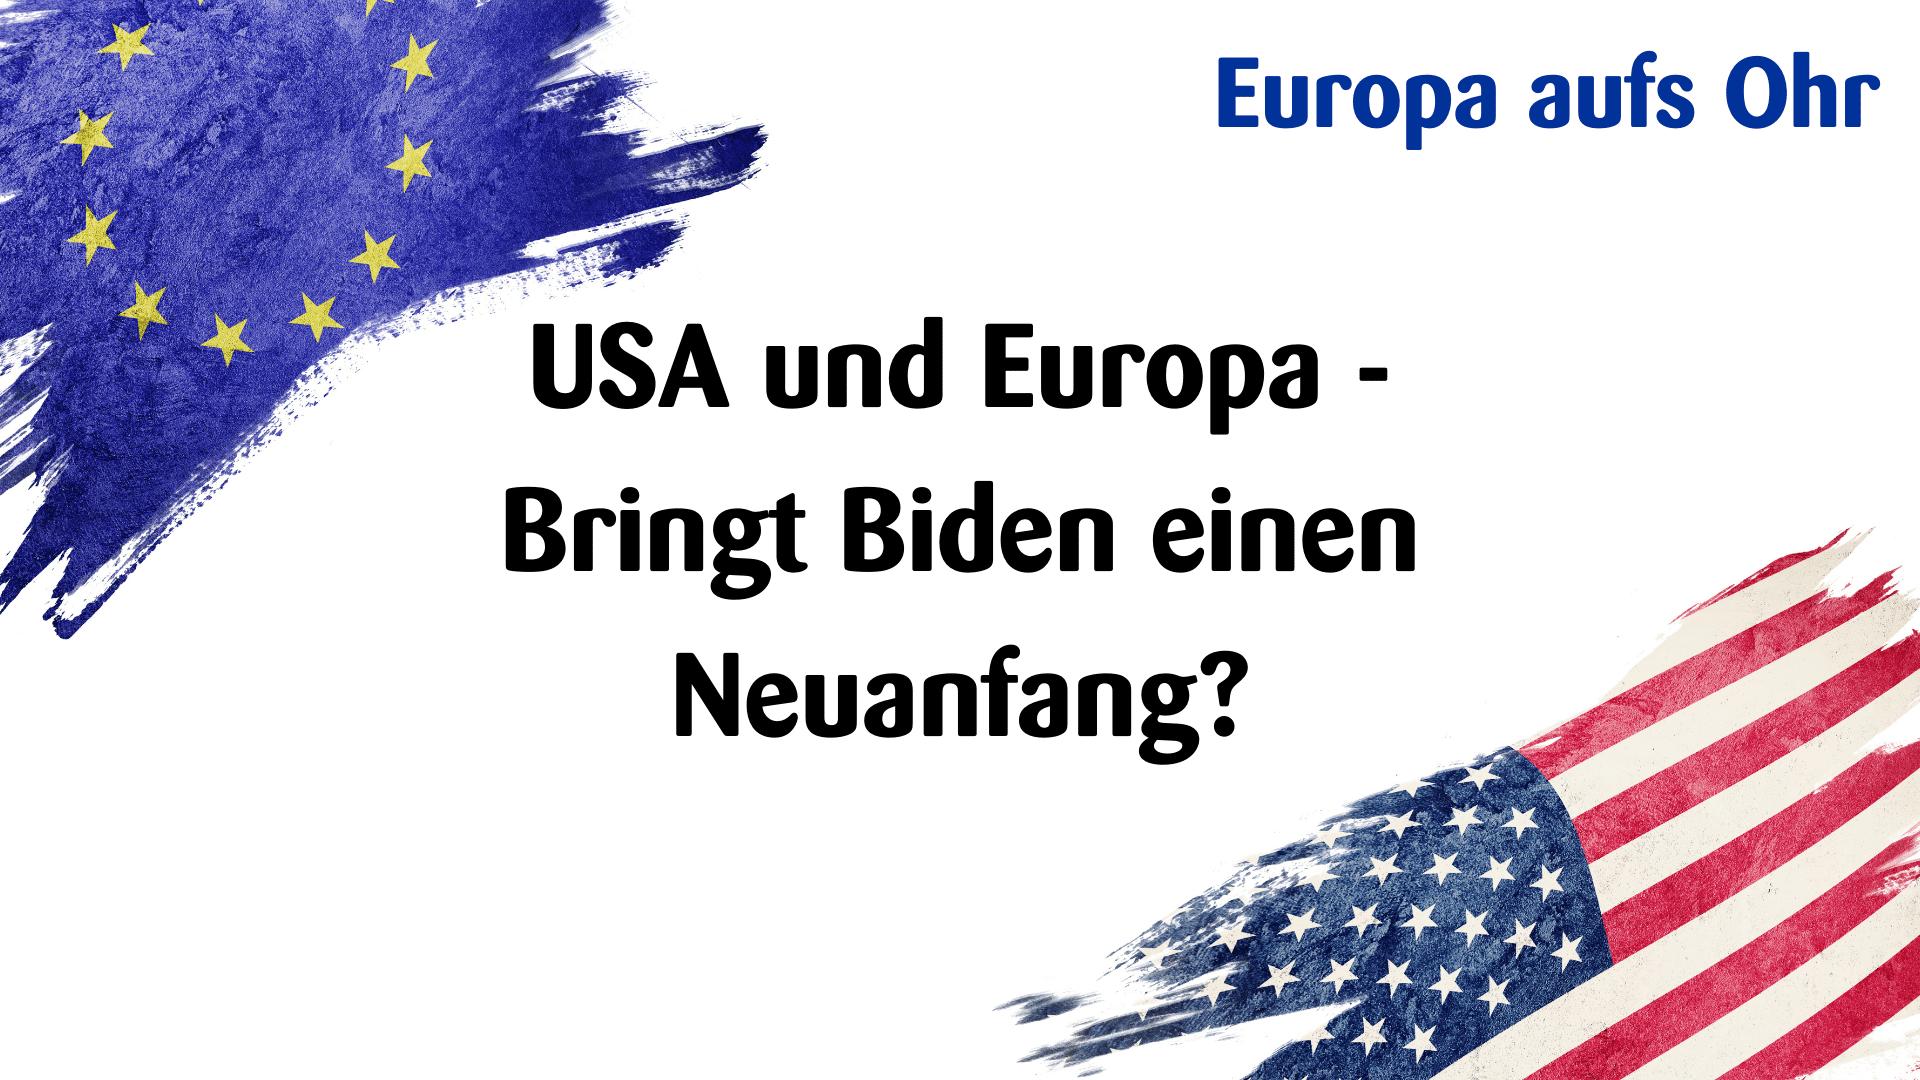 PODCAST: USA und Europa – Bringt Biden einen Neuanfang?